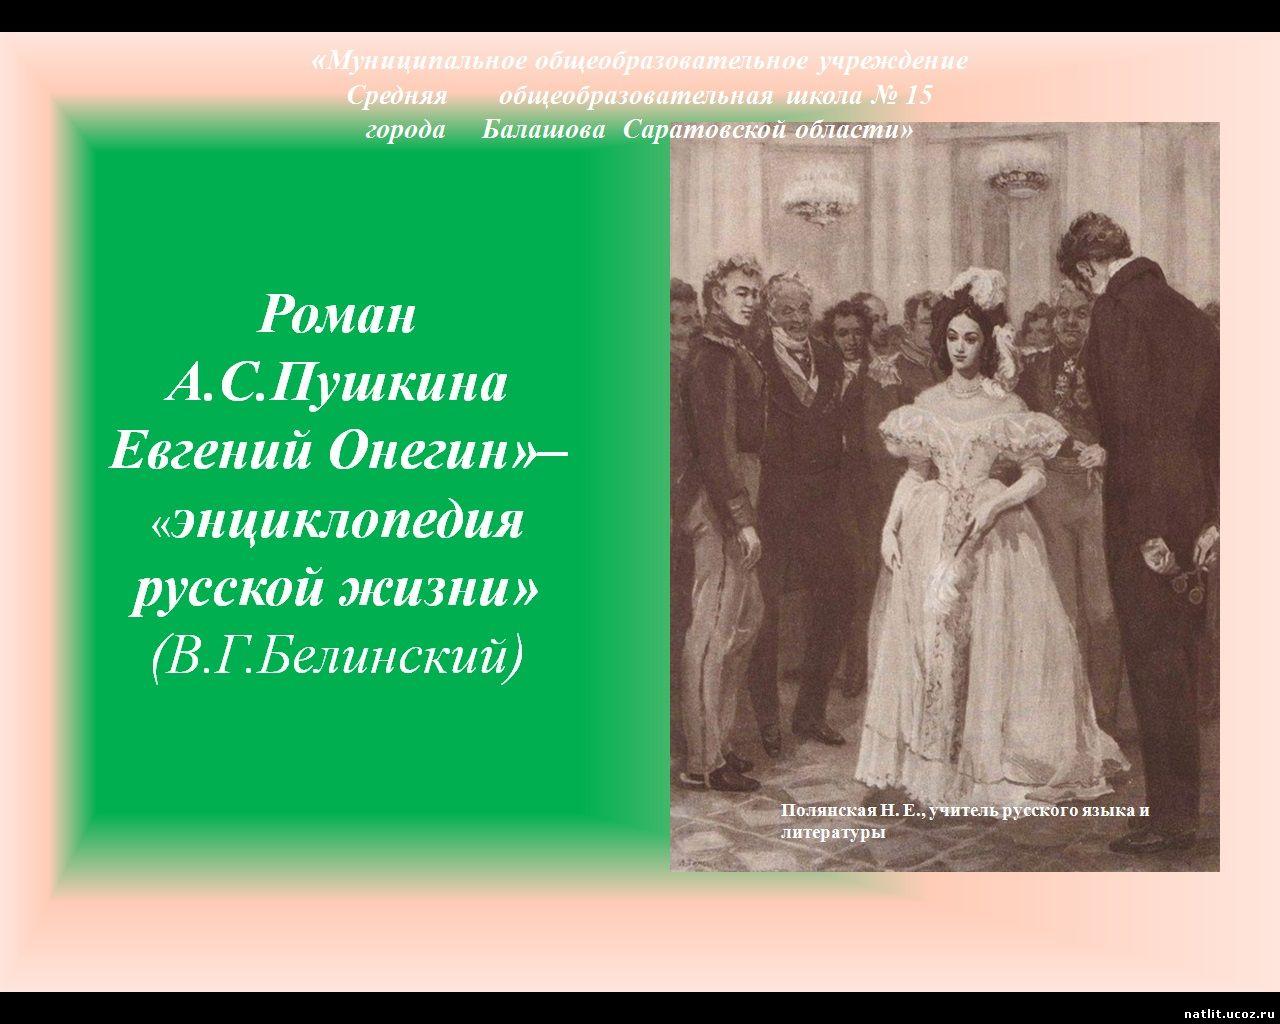 Евгении онегин пушкин краткое содержание